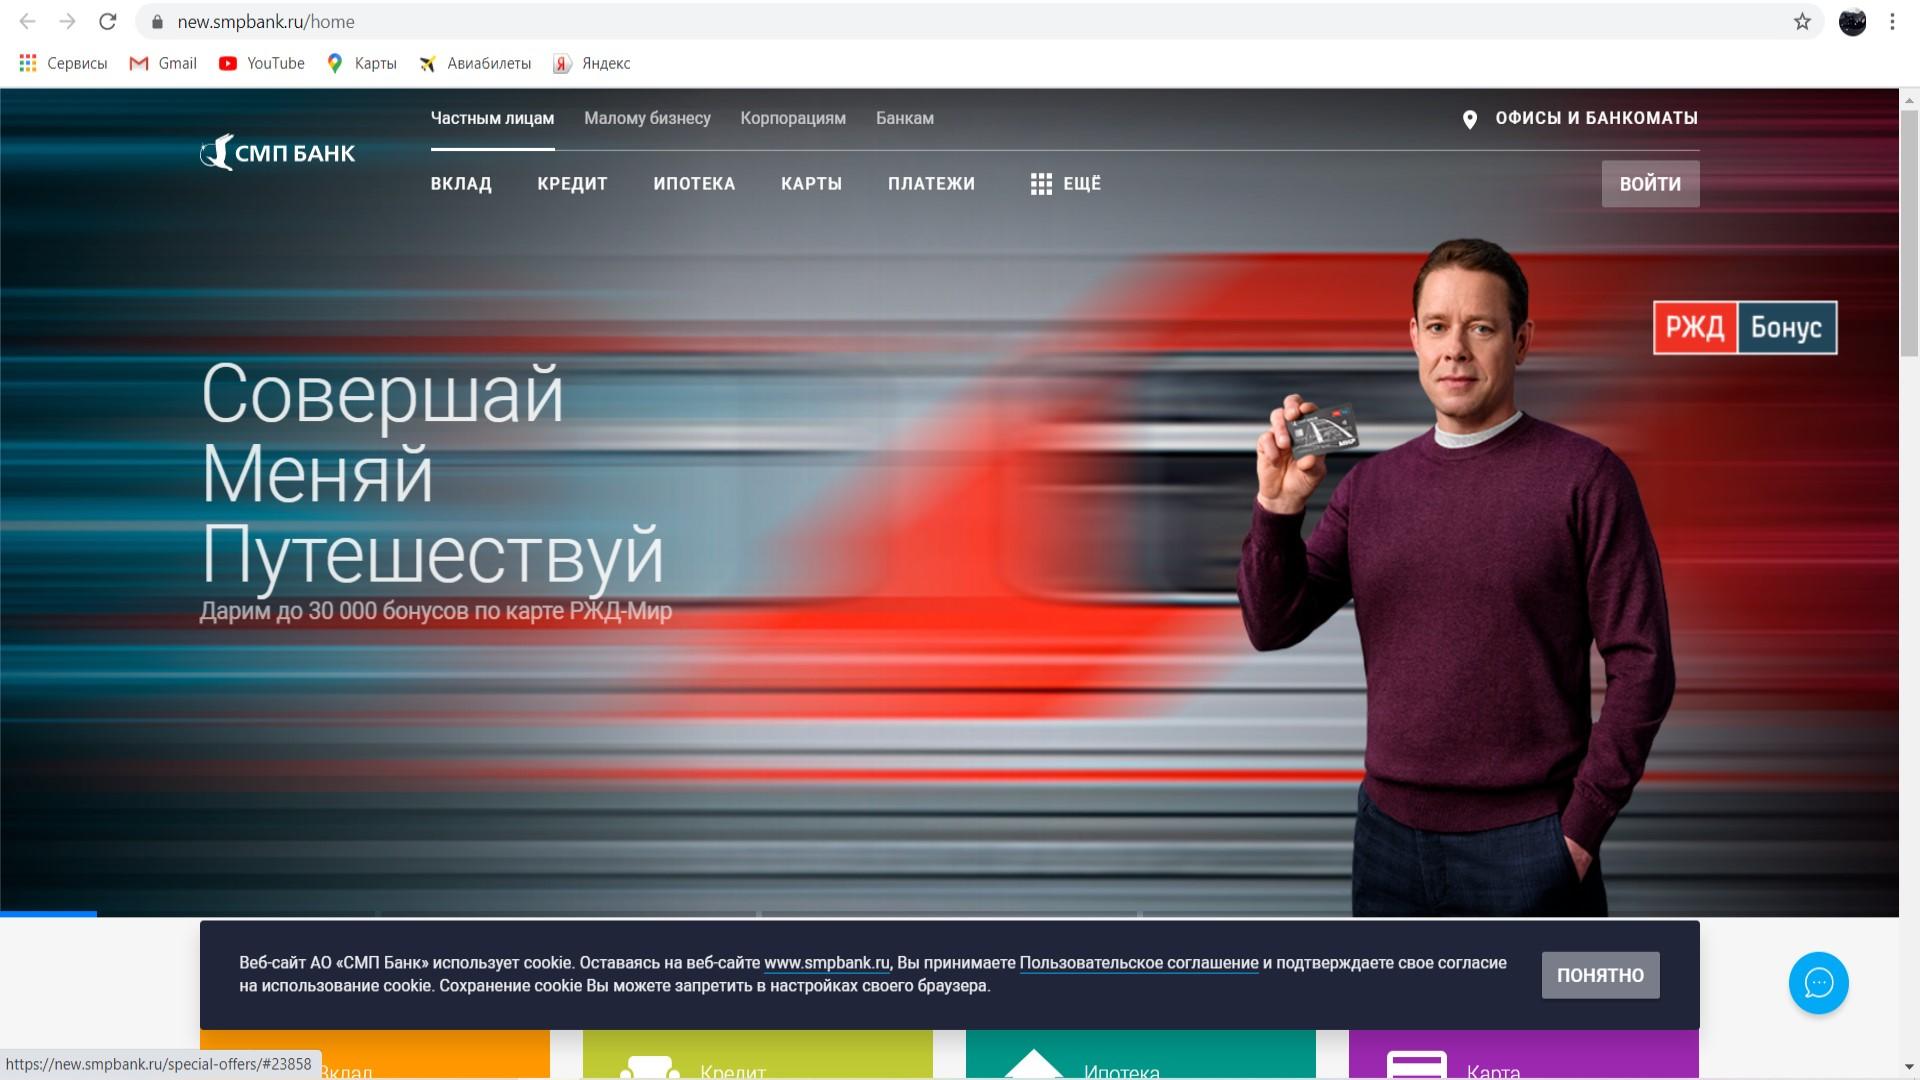 официальный сайт смп банк